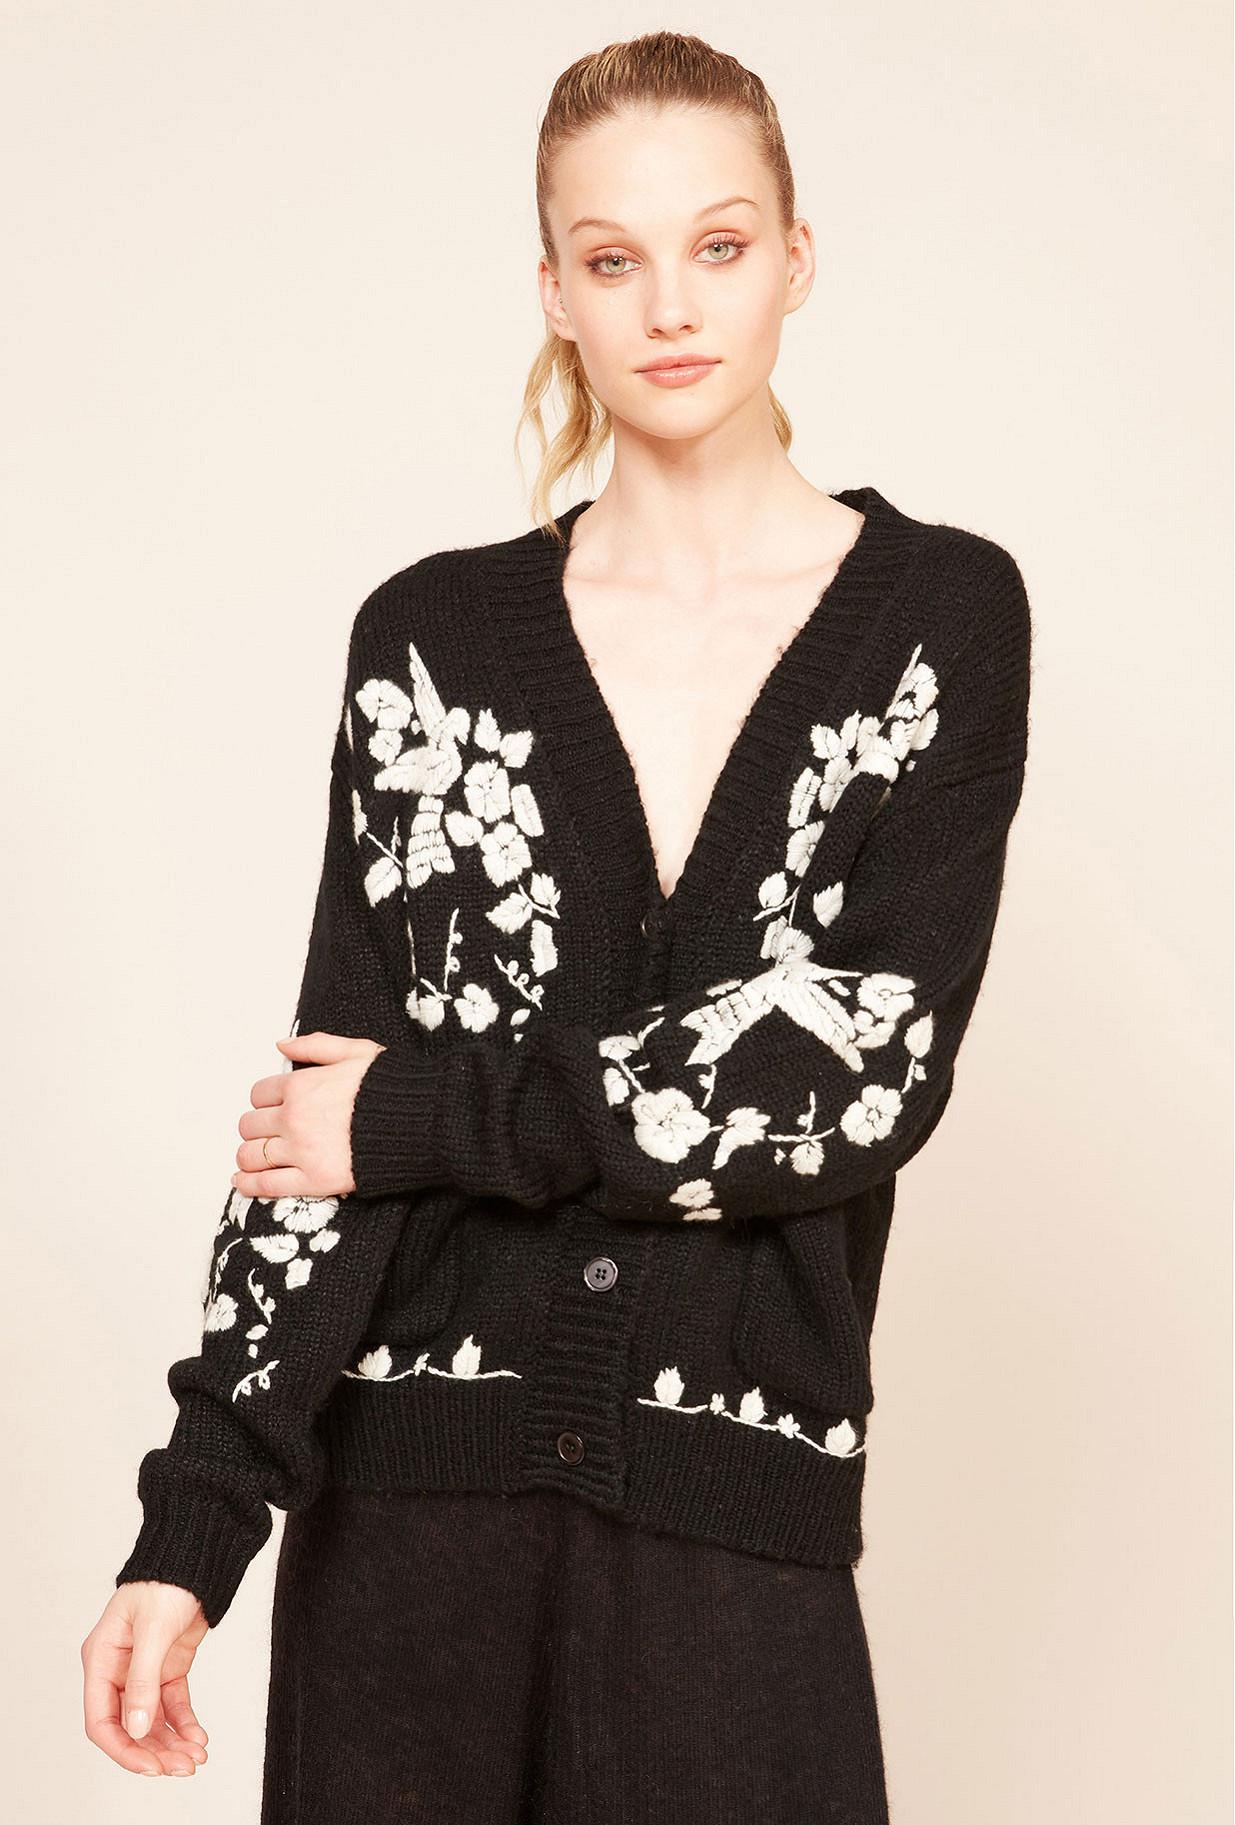 Paris boutique de mode vêtement Cardigan créateur bohème  Botanic